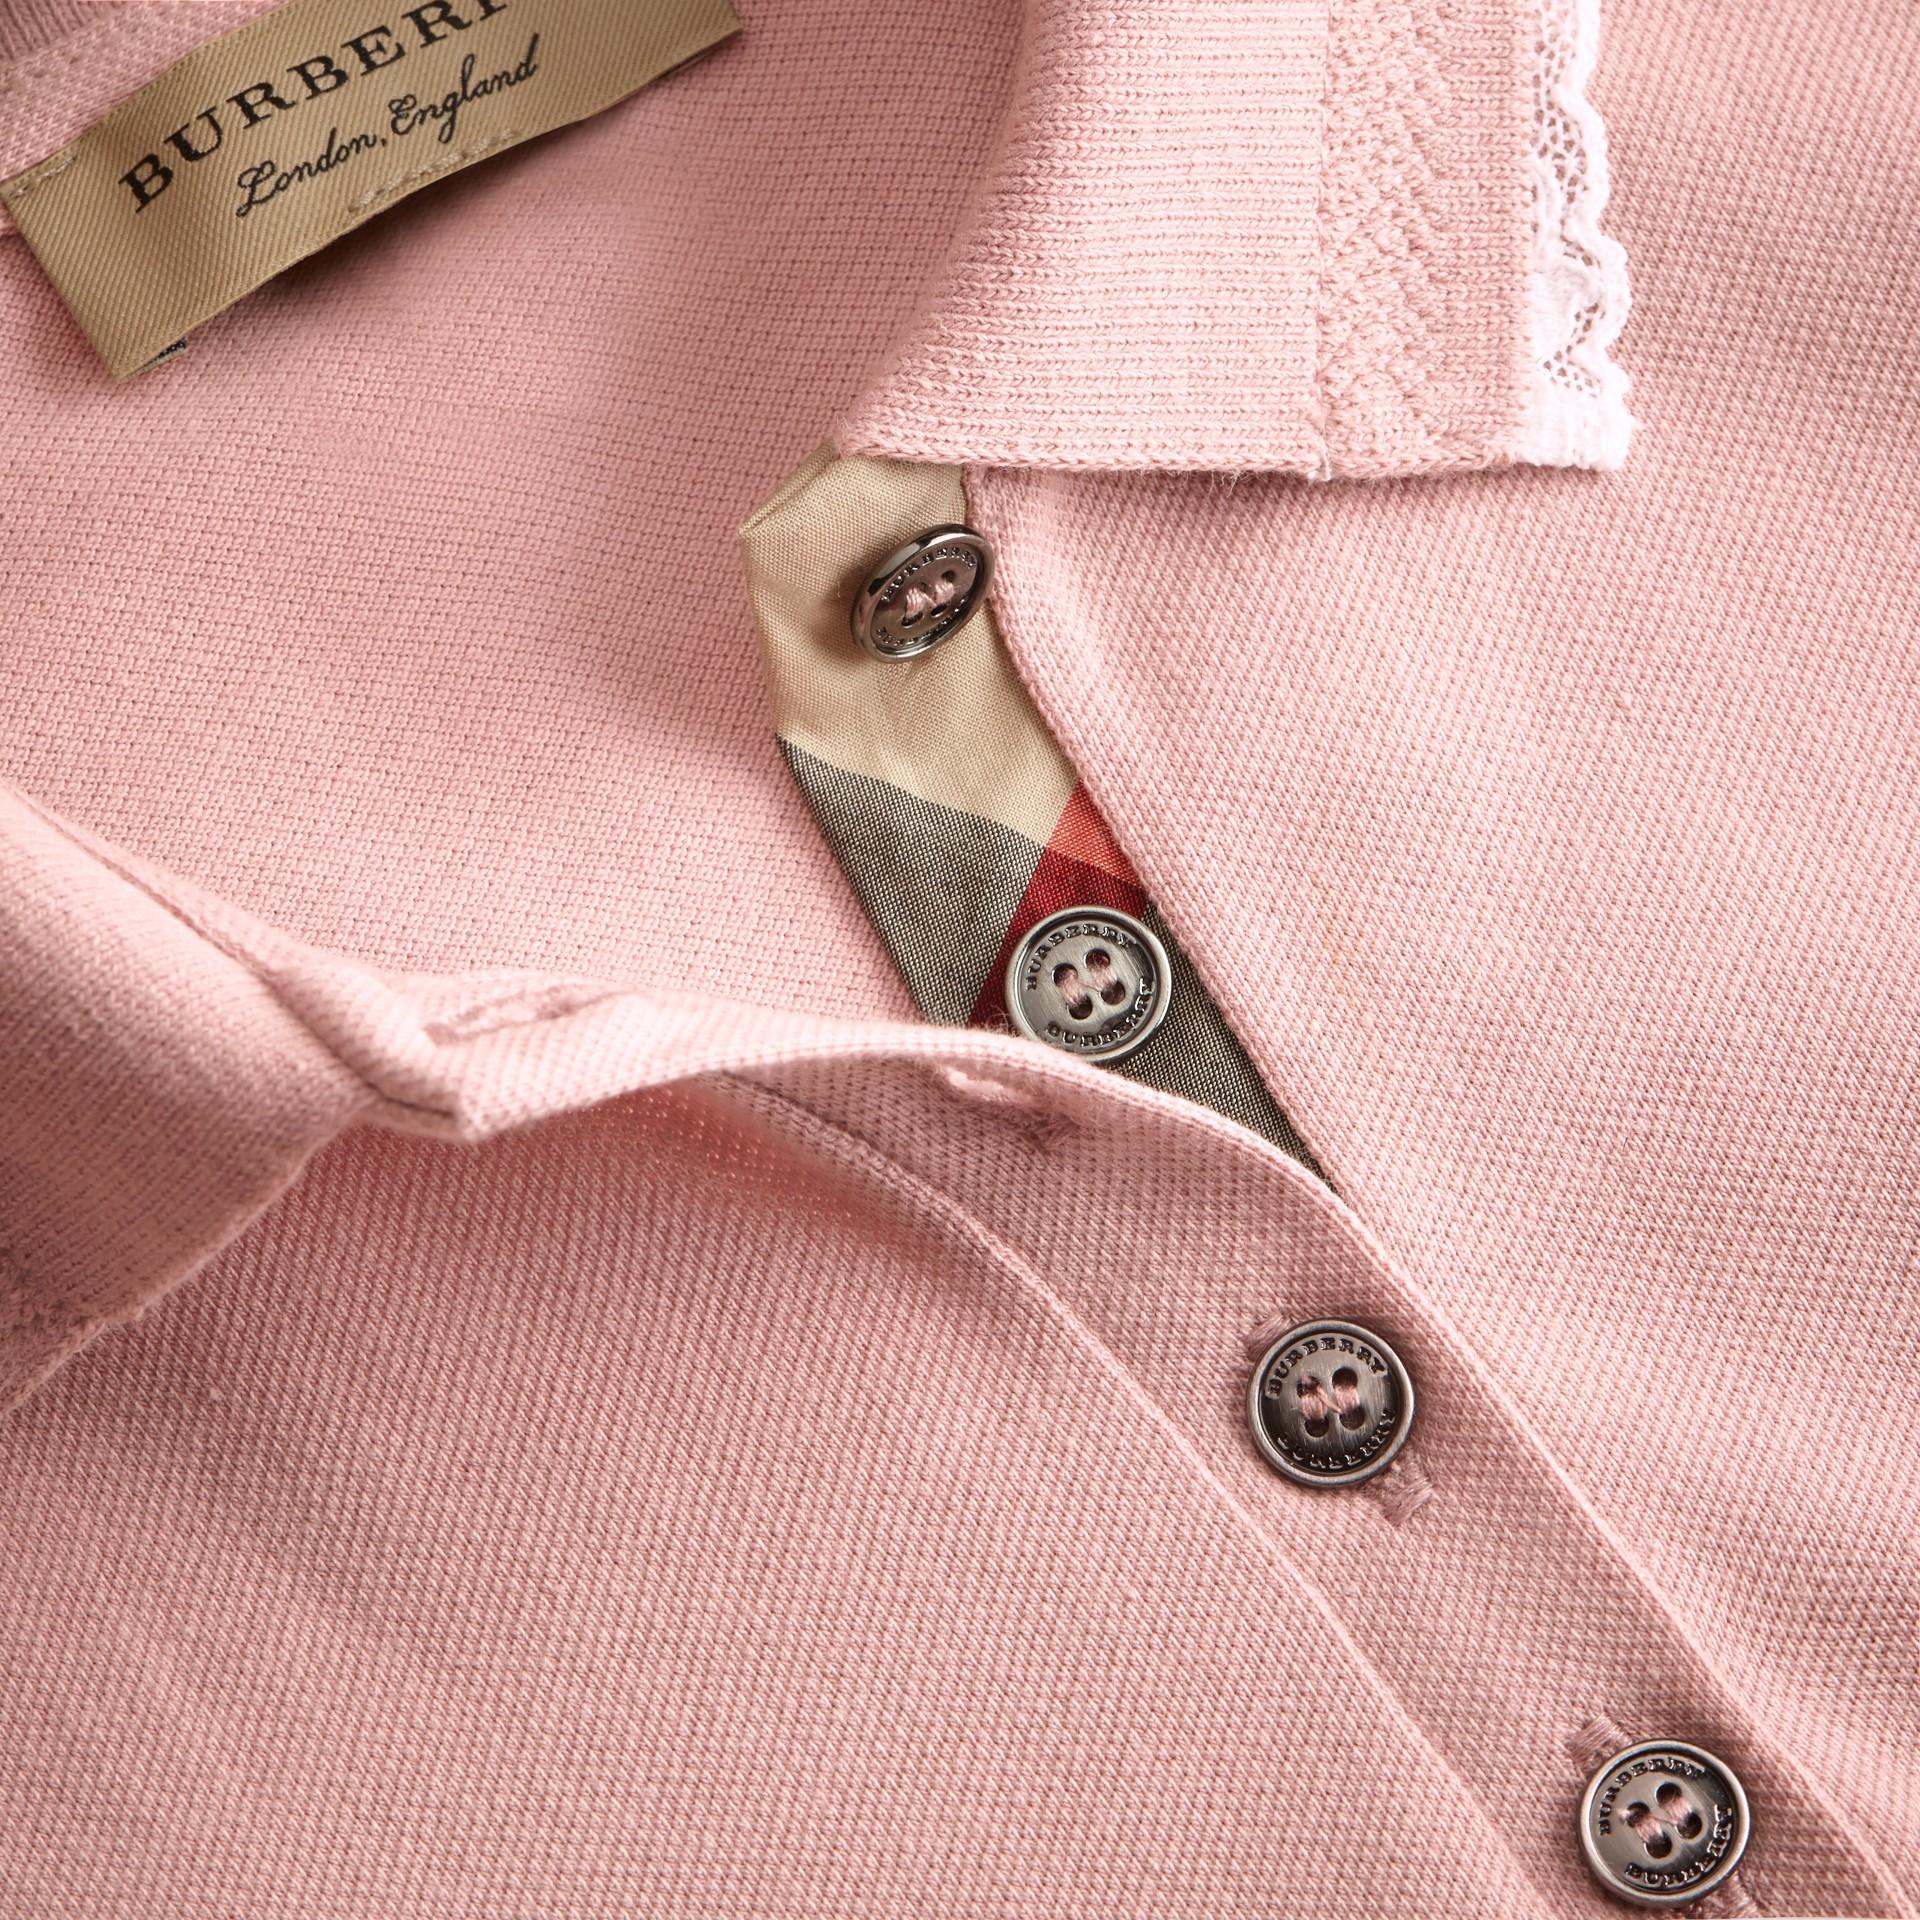 Polo en coton mélangé avec bordure en dentelle et détails check (Nude) - Femme | Burberry - photo de la galerie 2